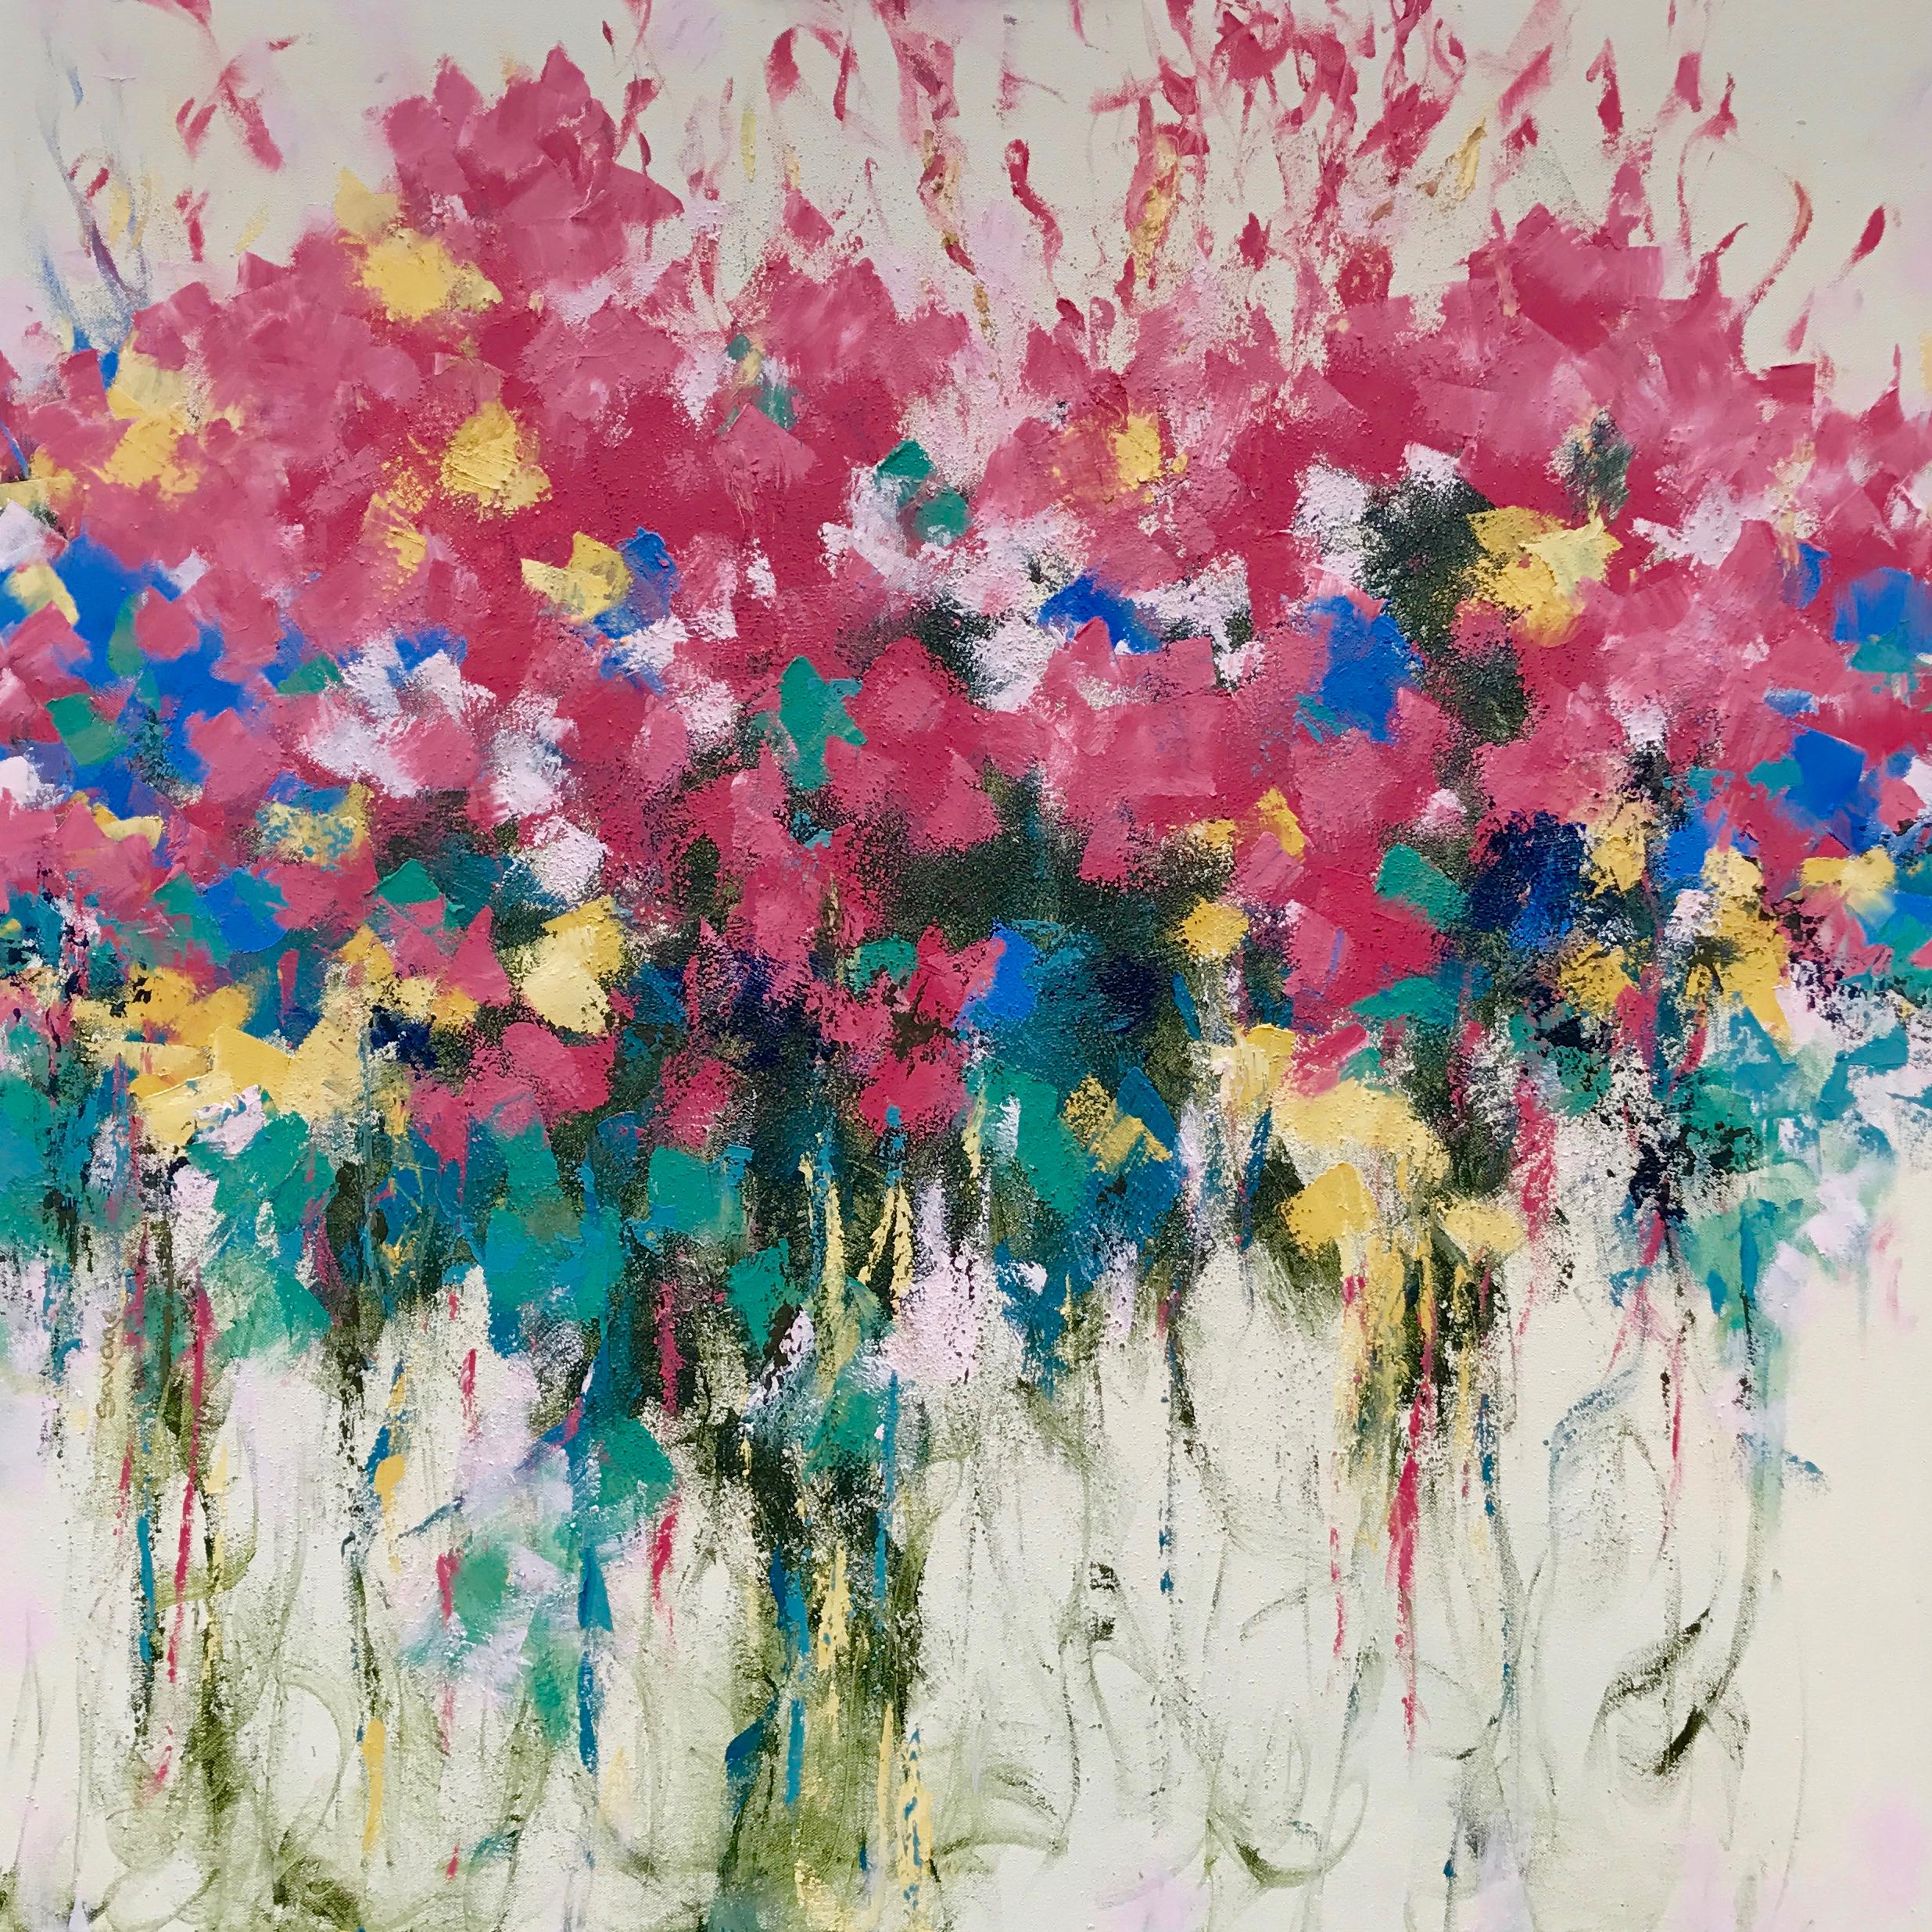 Feel Good, 36x36, oil on canvas, $1950